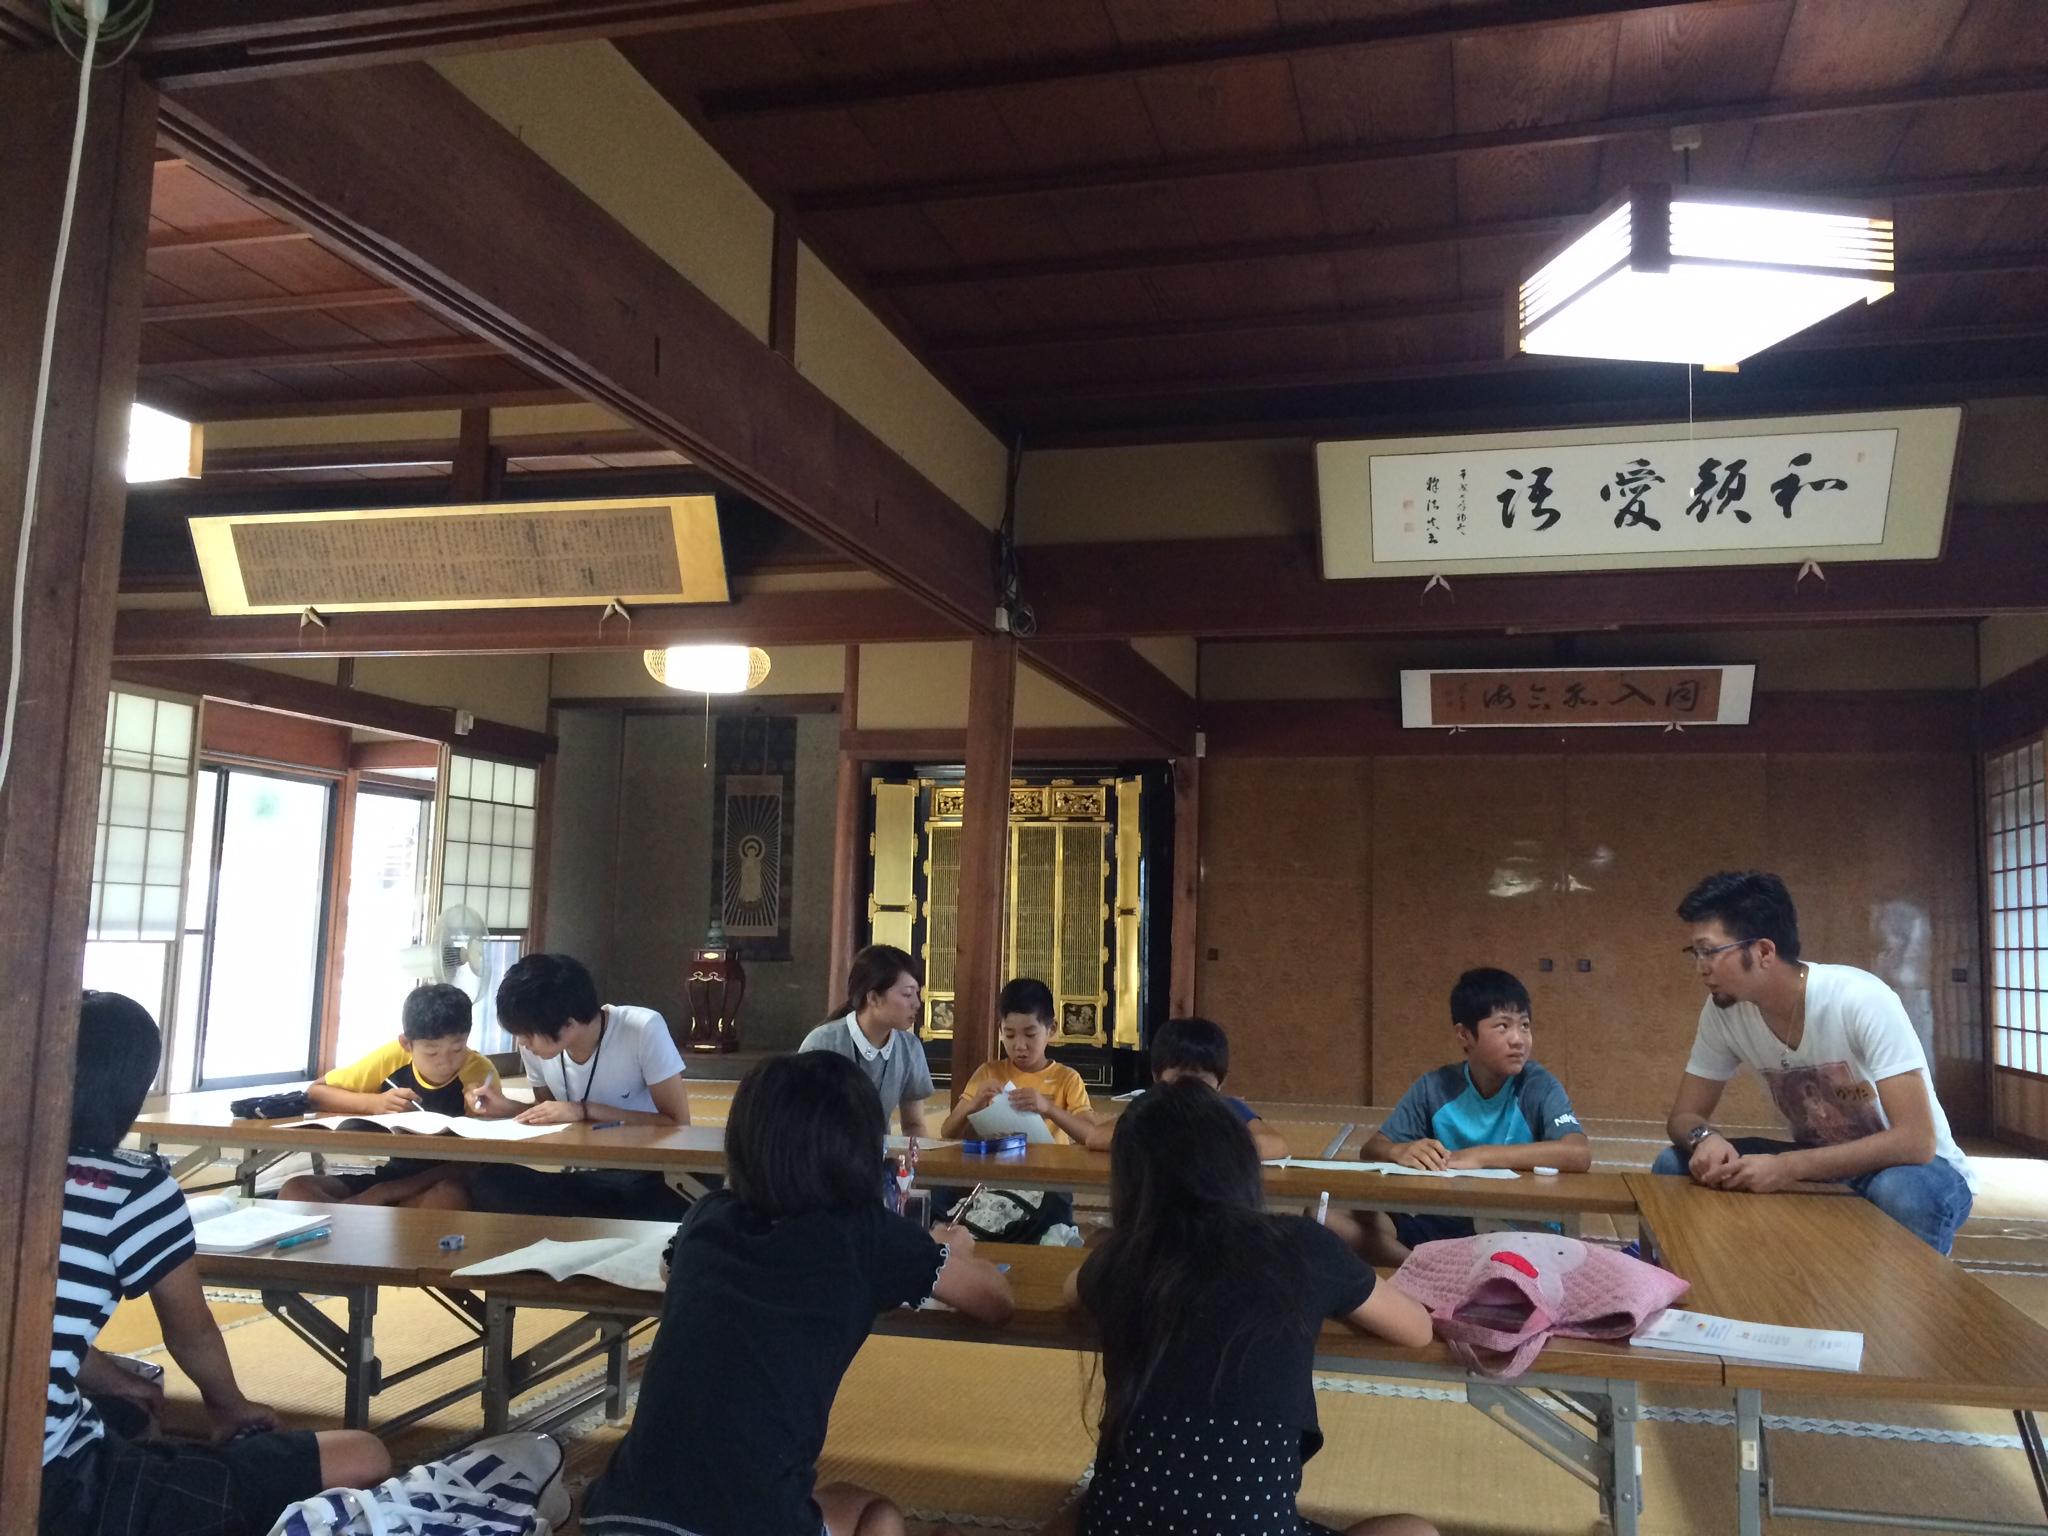 お寺で勉強!